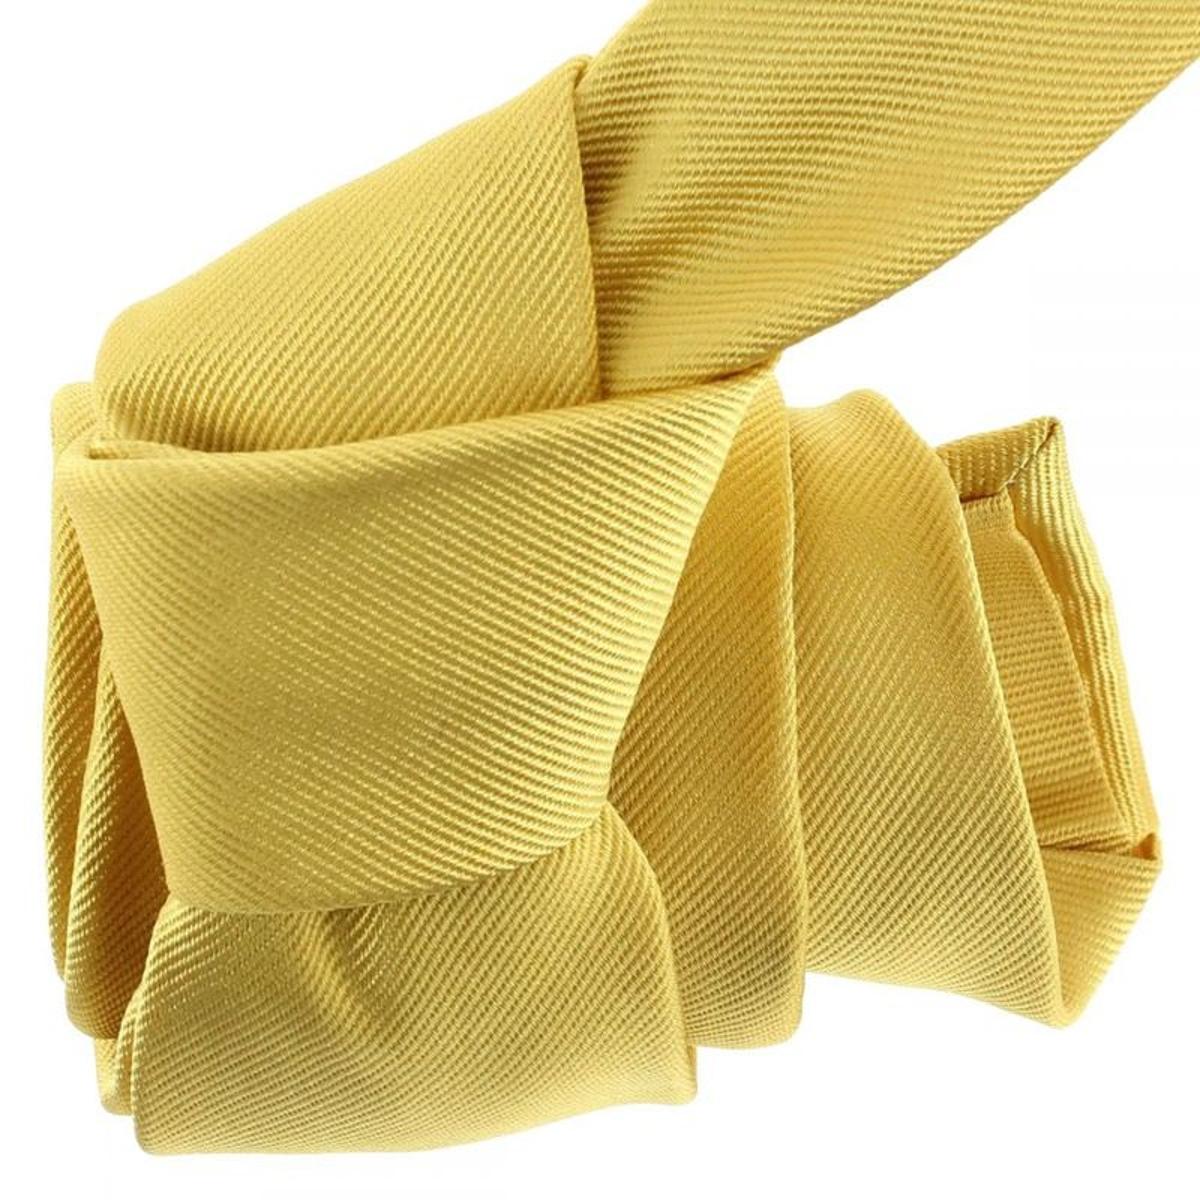 Cravate luxe luxe faite à la main. Soie Uni